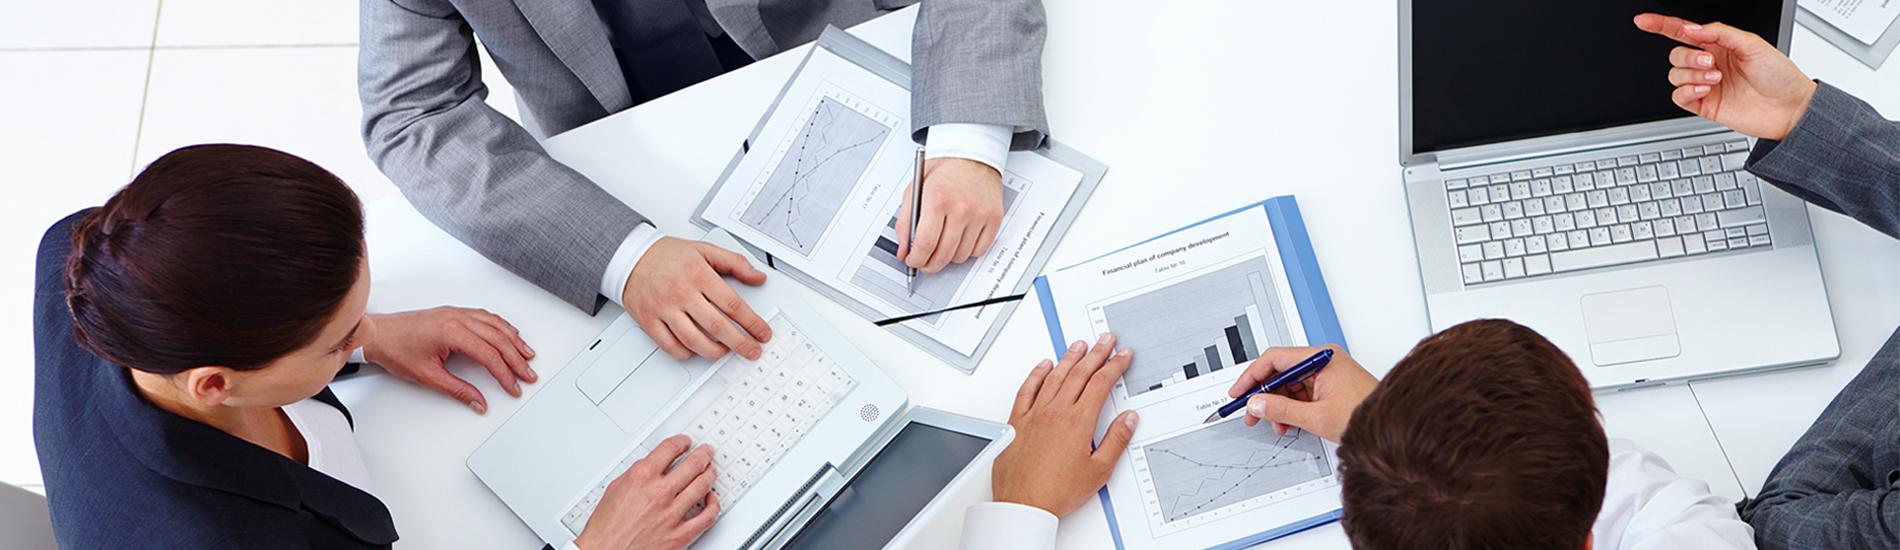 Vous recherchez des fonds pour votre start-up innovante ?